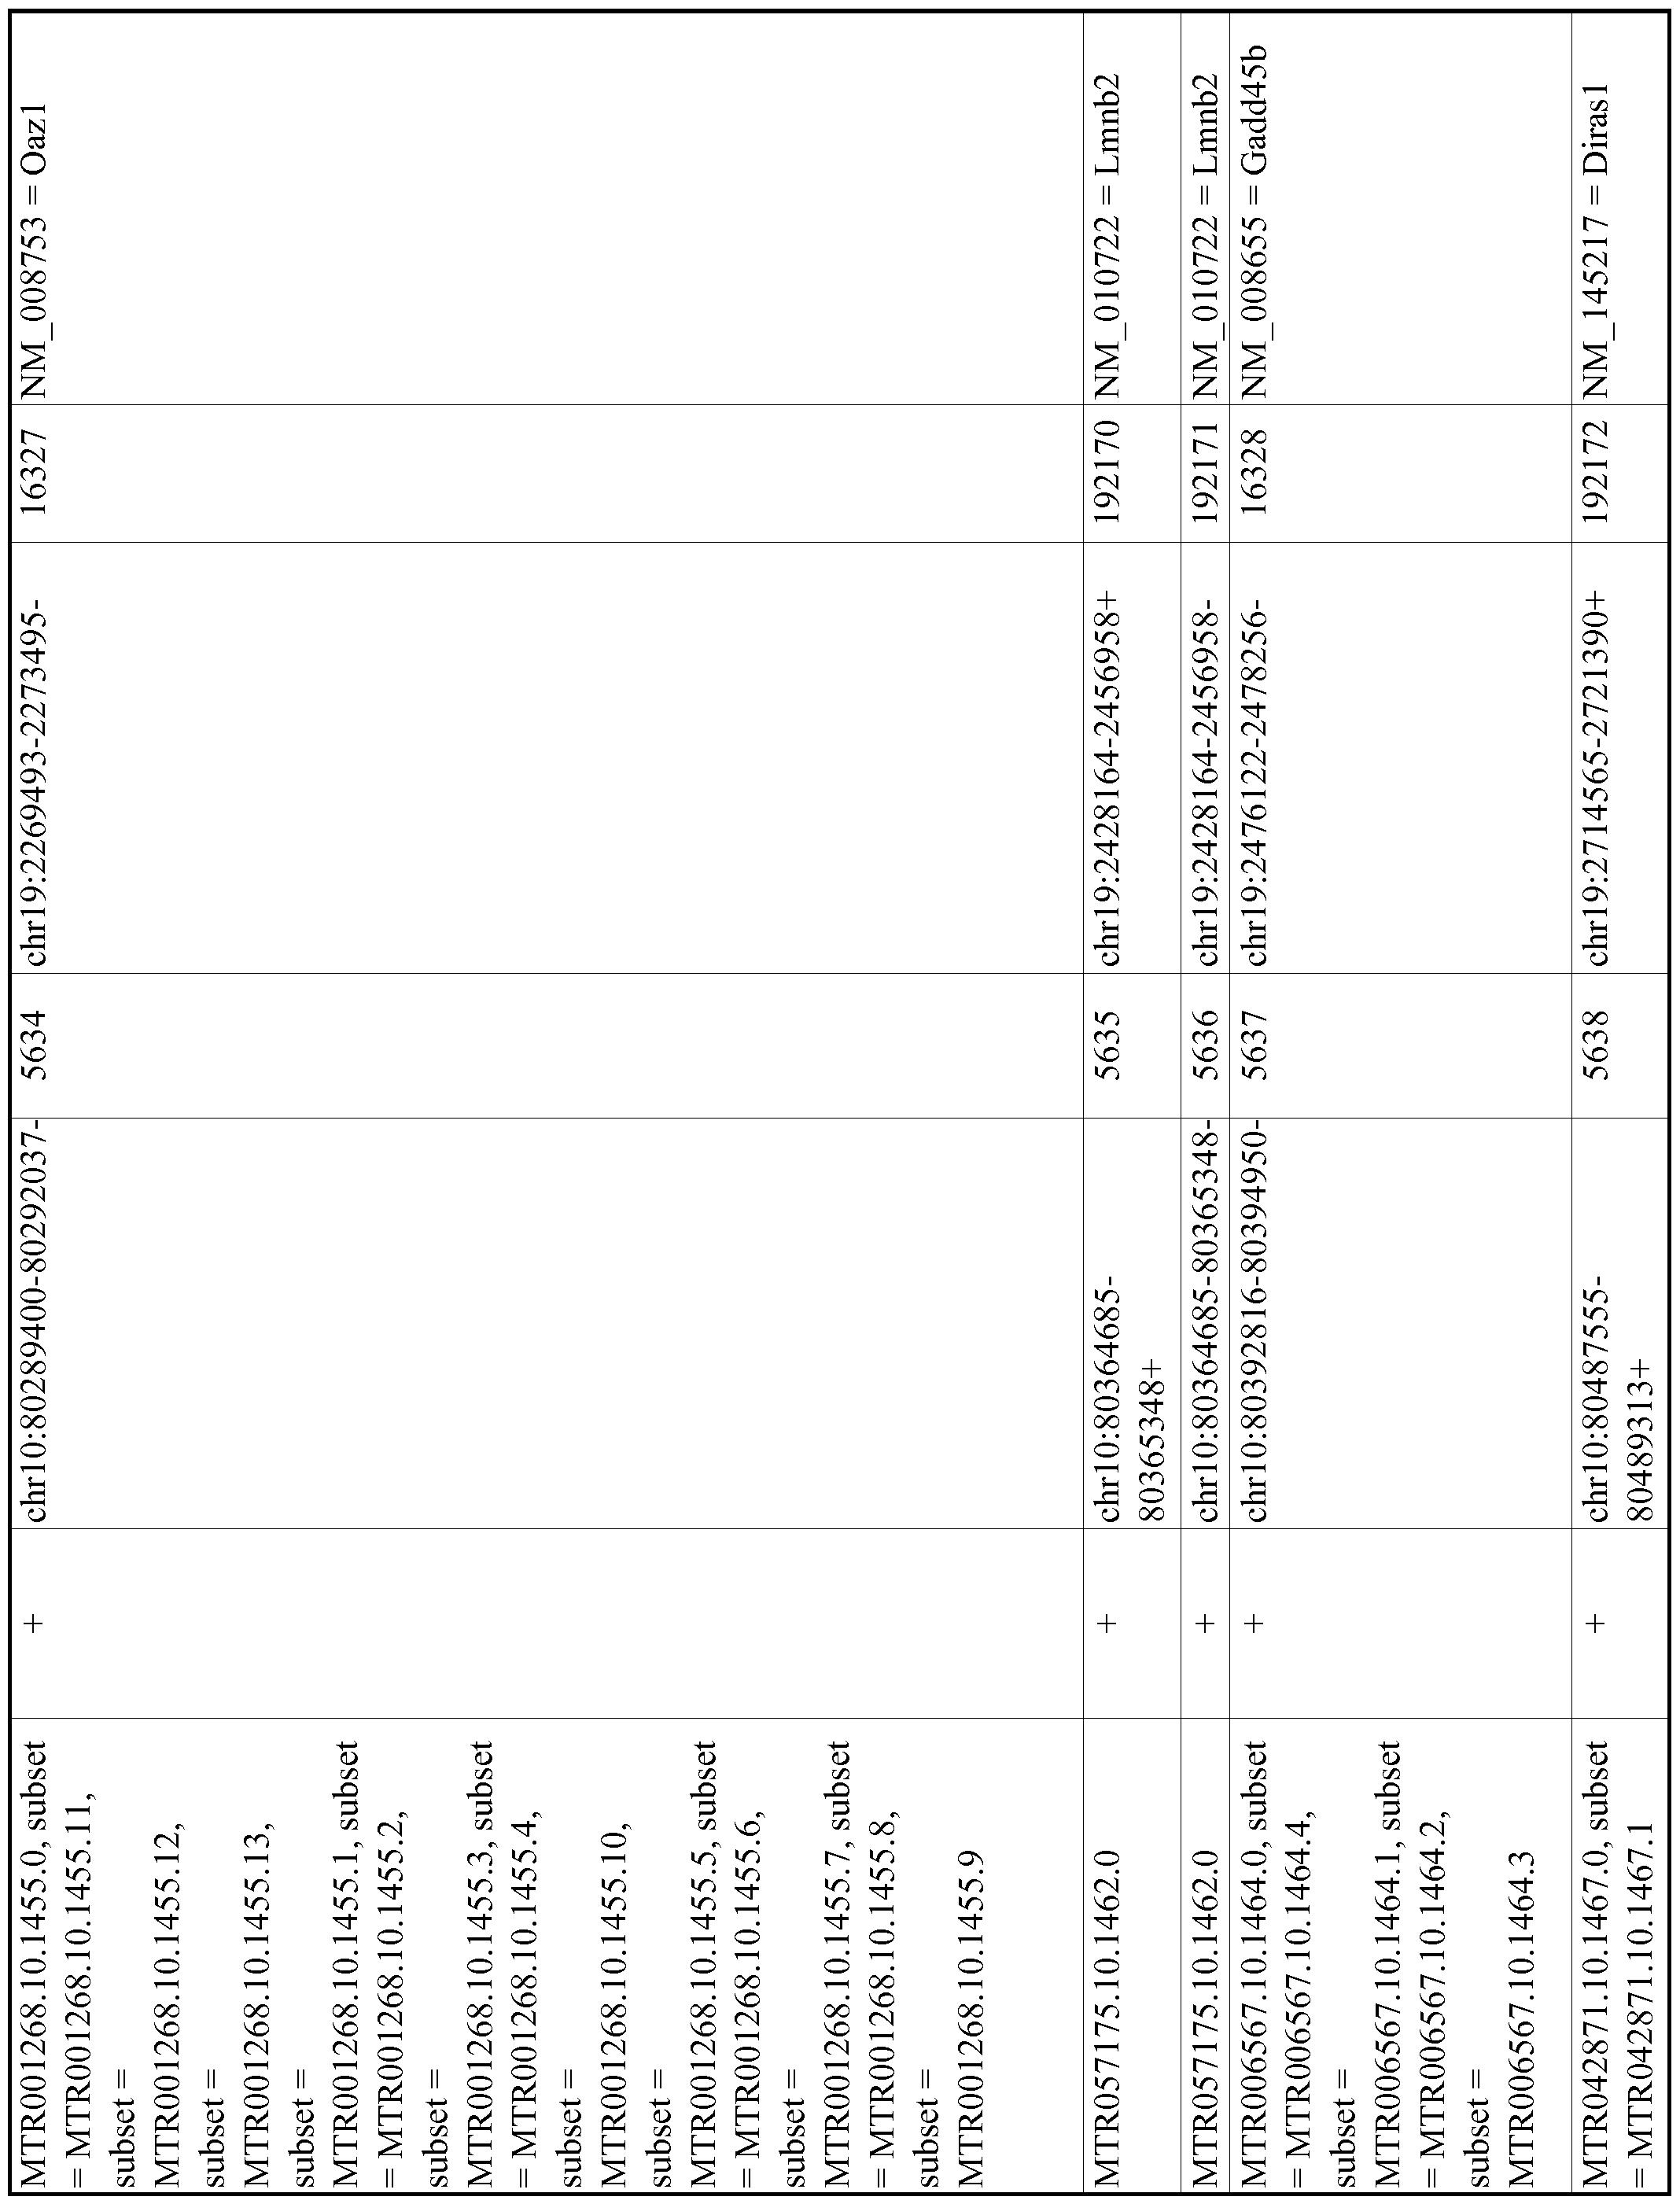 Figure imgf001017_0001